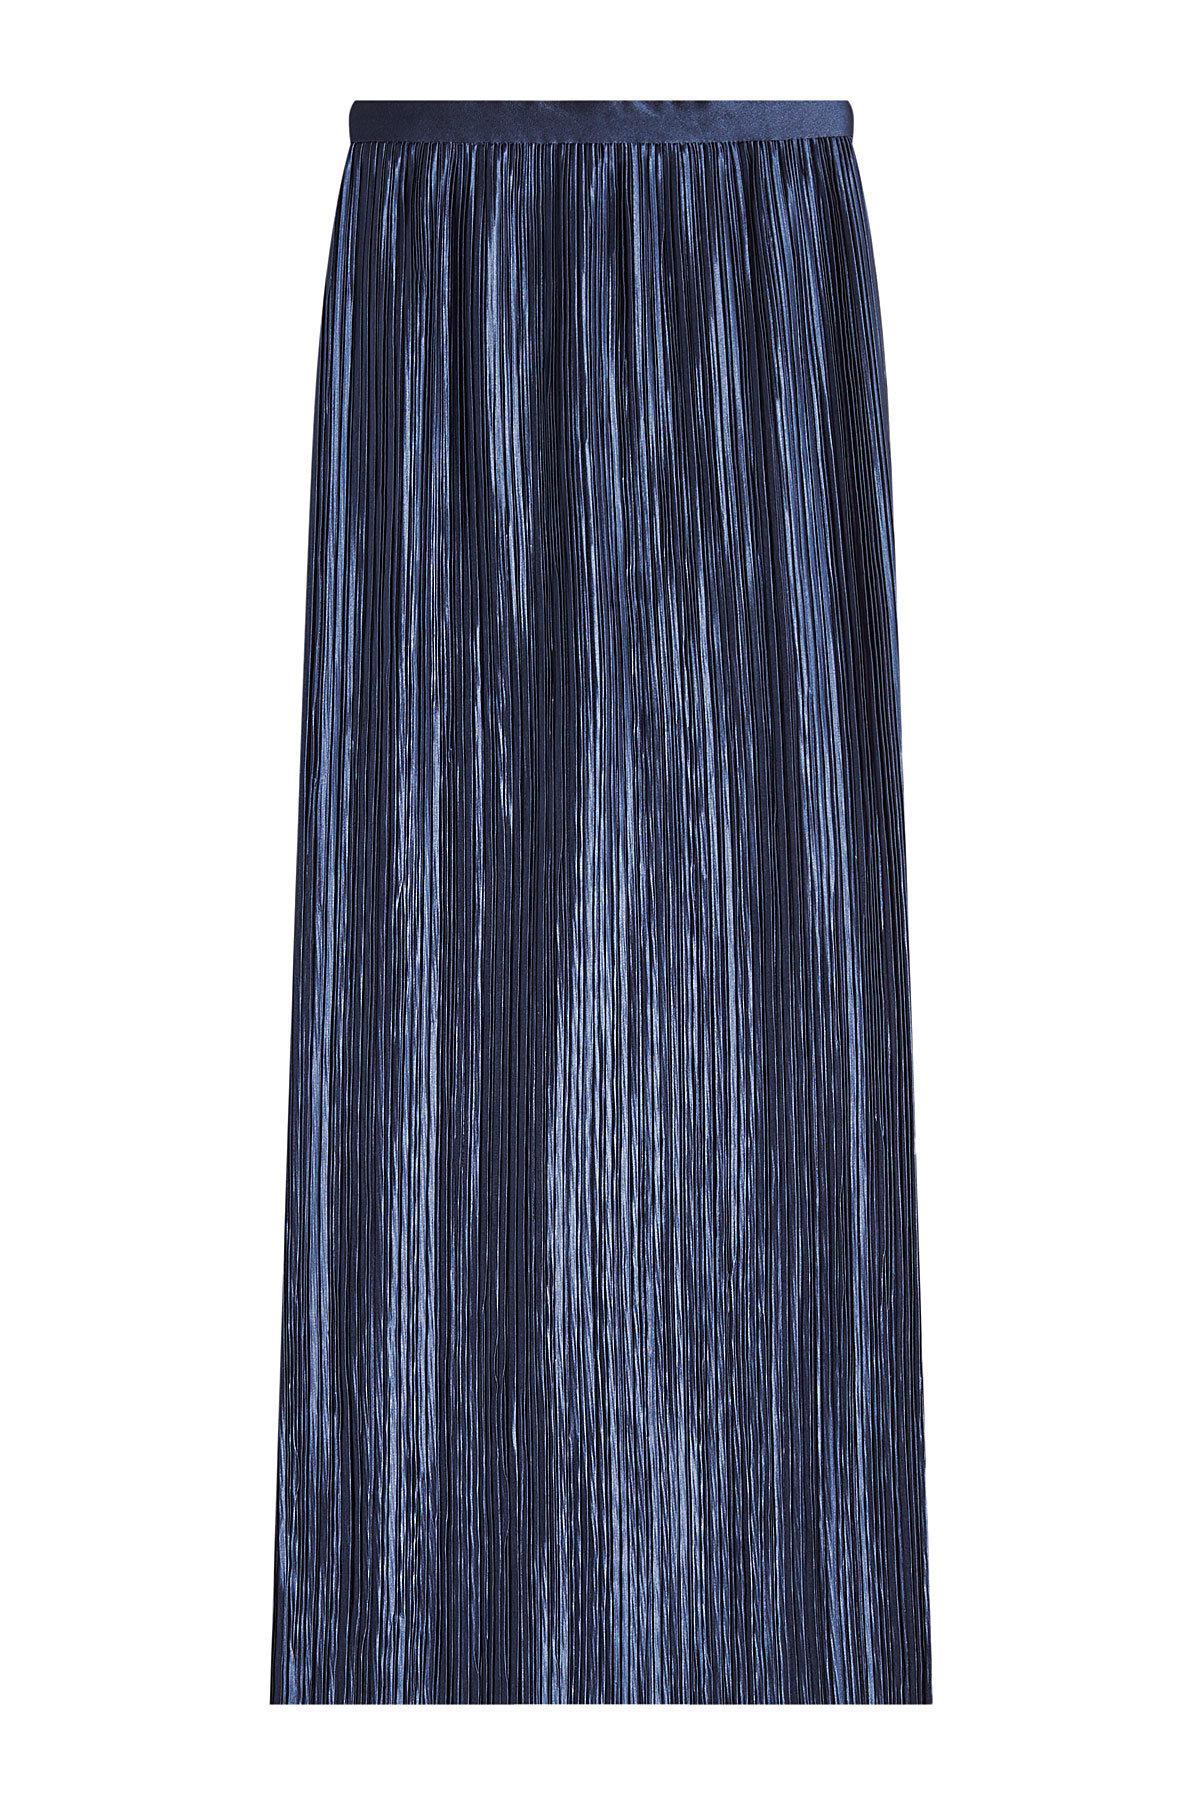 fc32f0f327 Tibi Plisse Pleated Skirt in Blue - Lyst